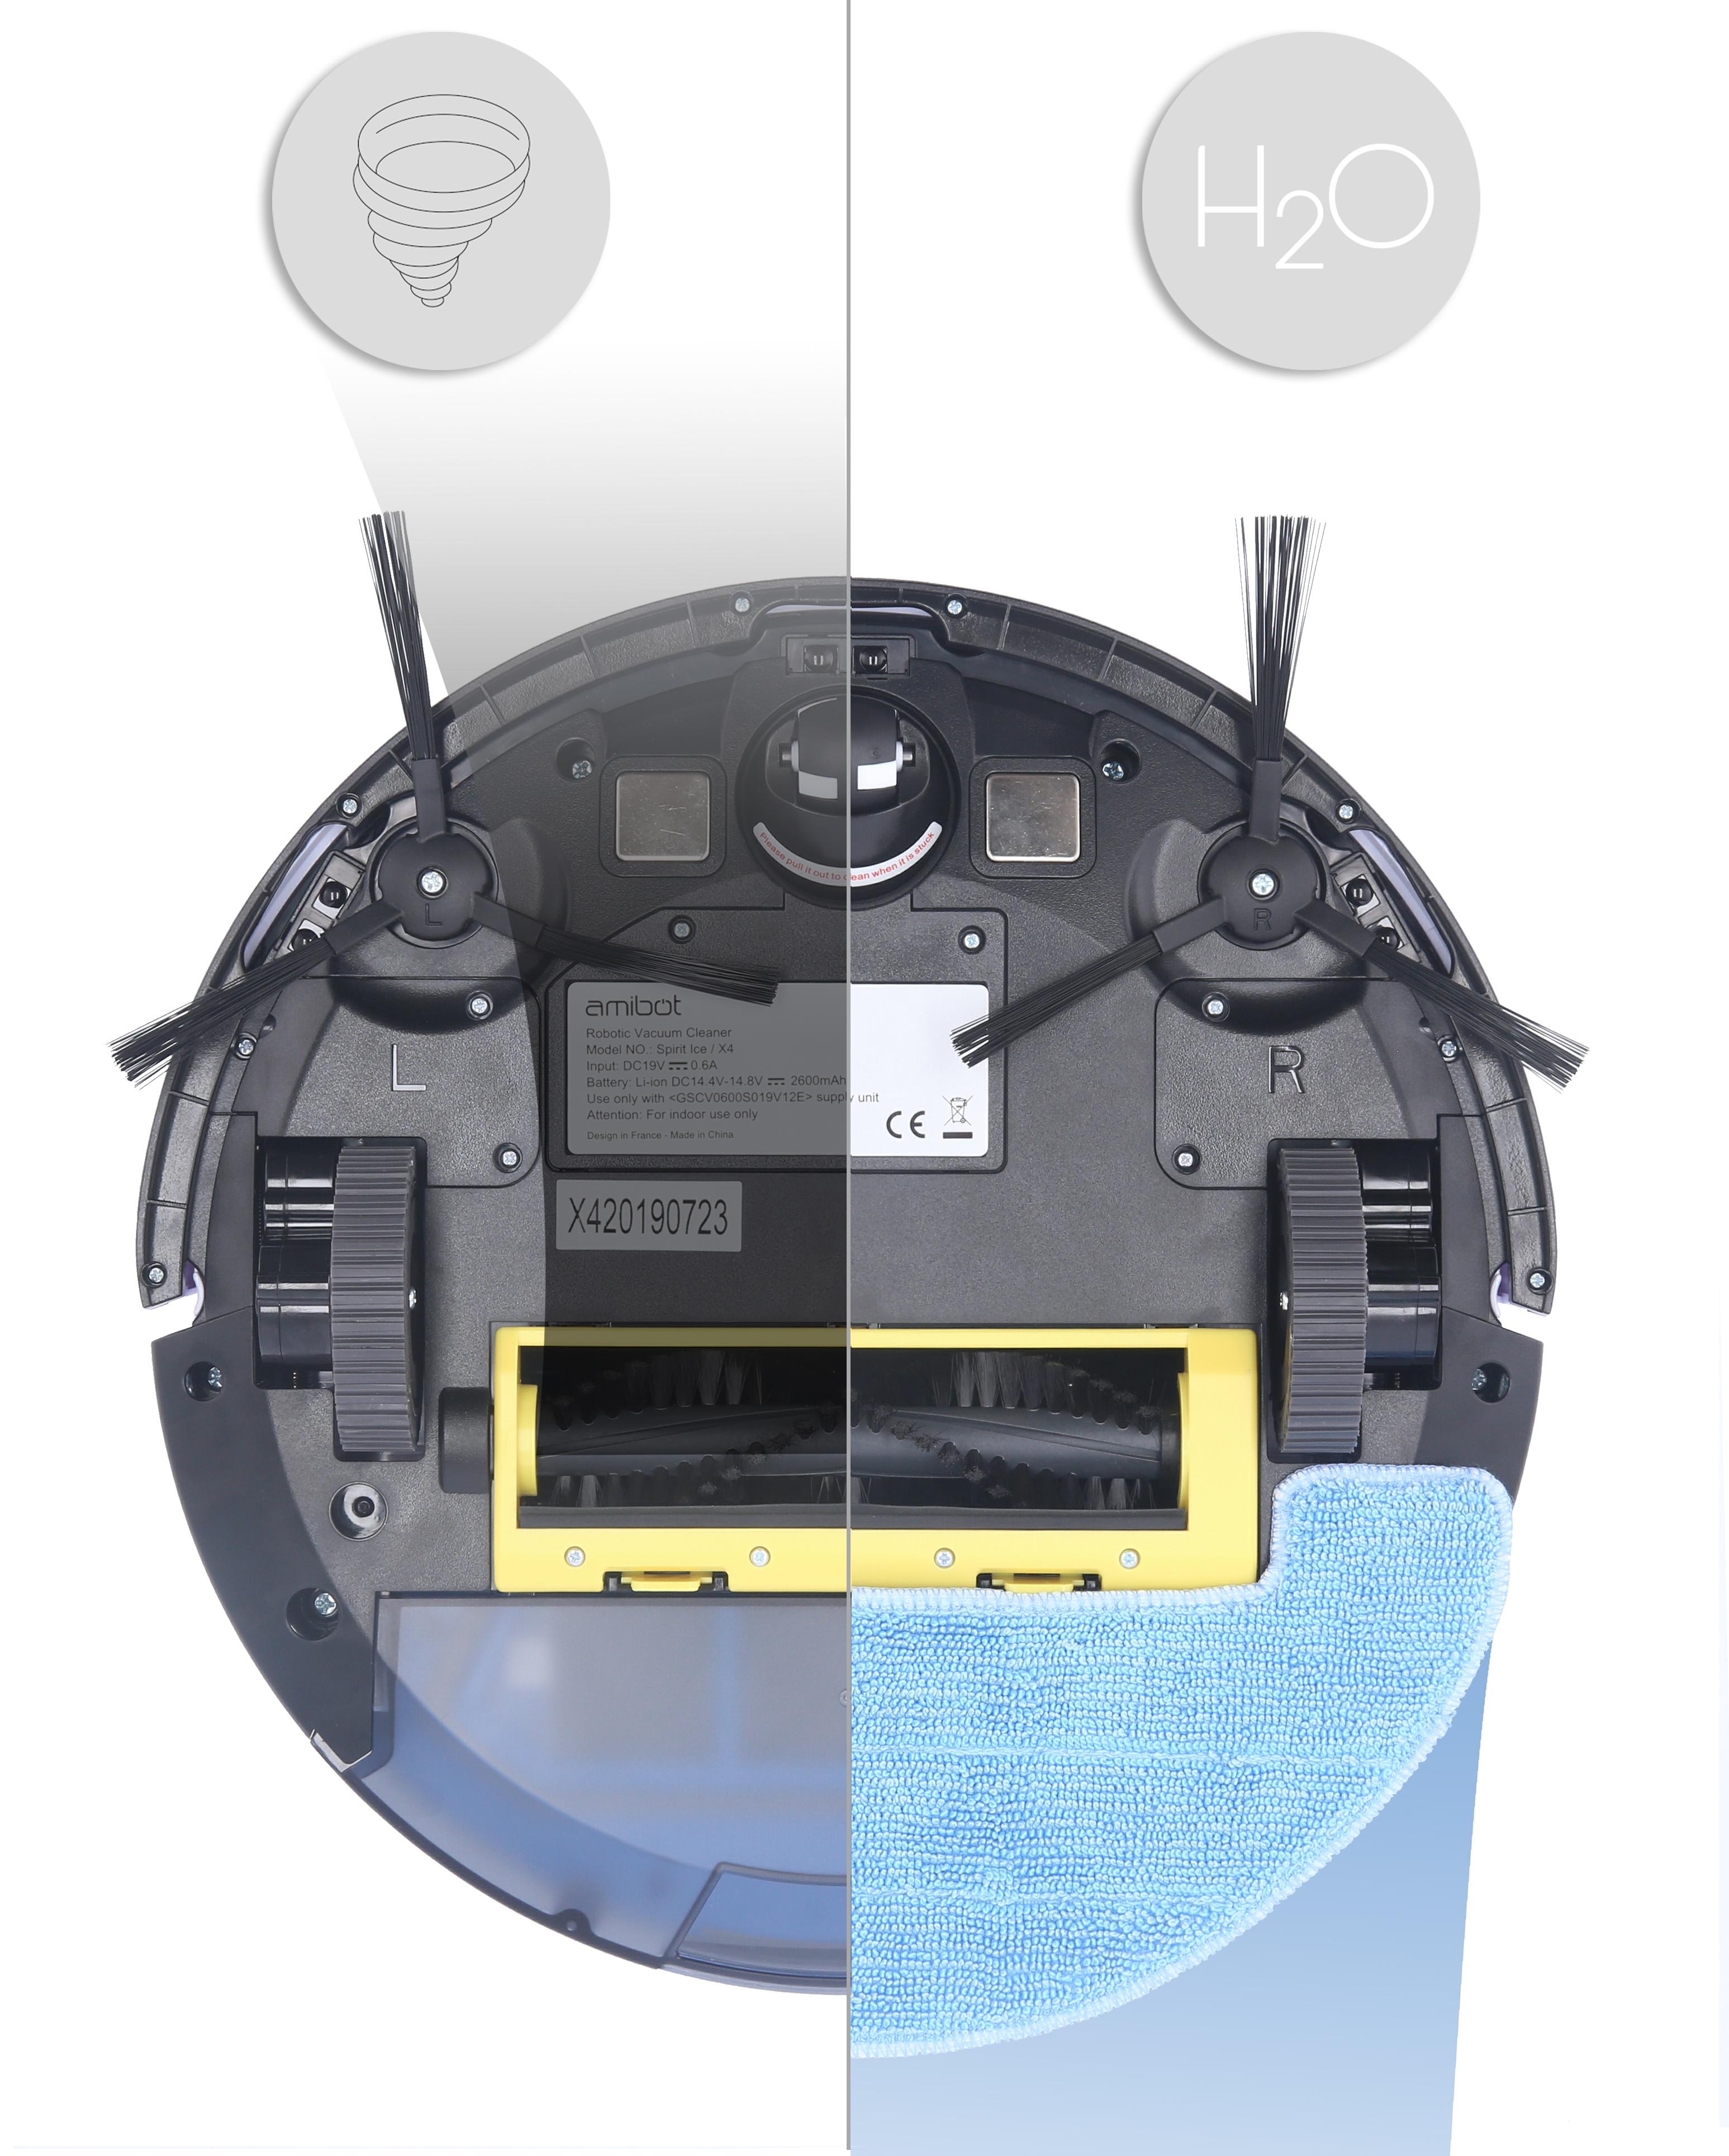 Robot aspirateur et laveur AMIBOT Spirit Ice H2O deux fonctions